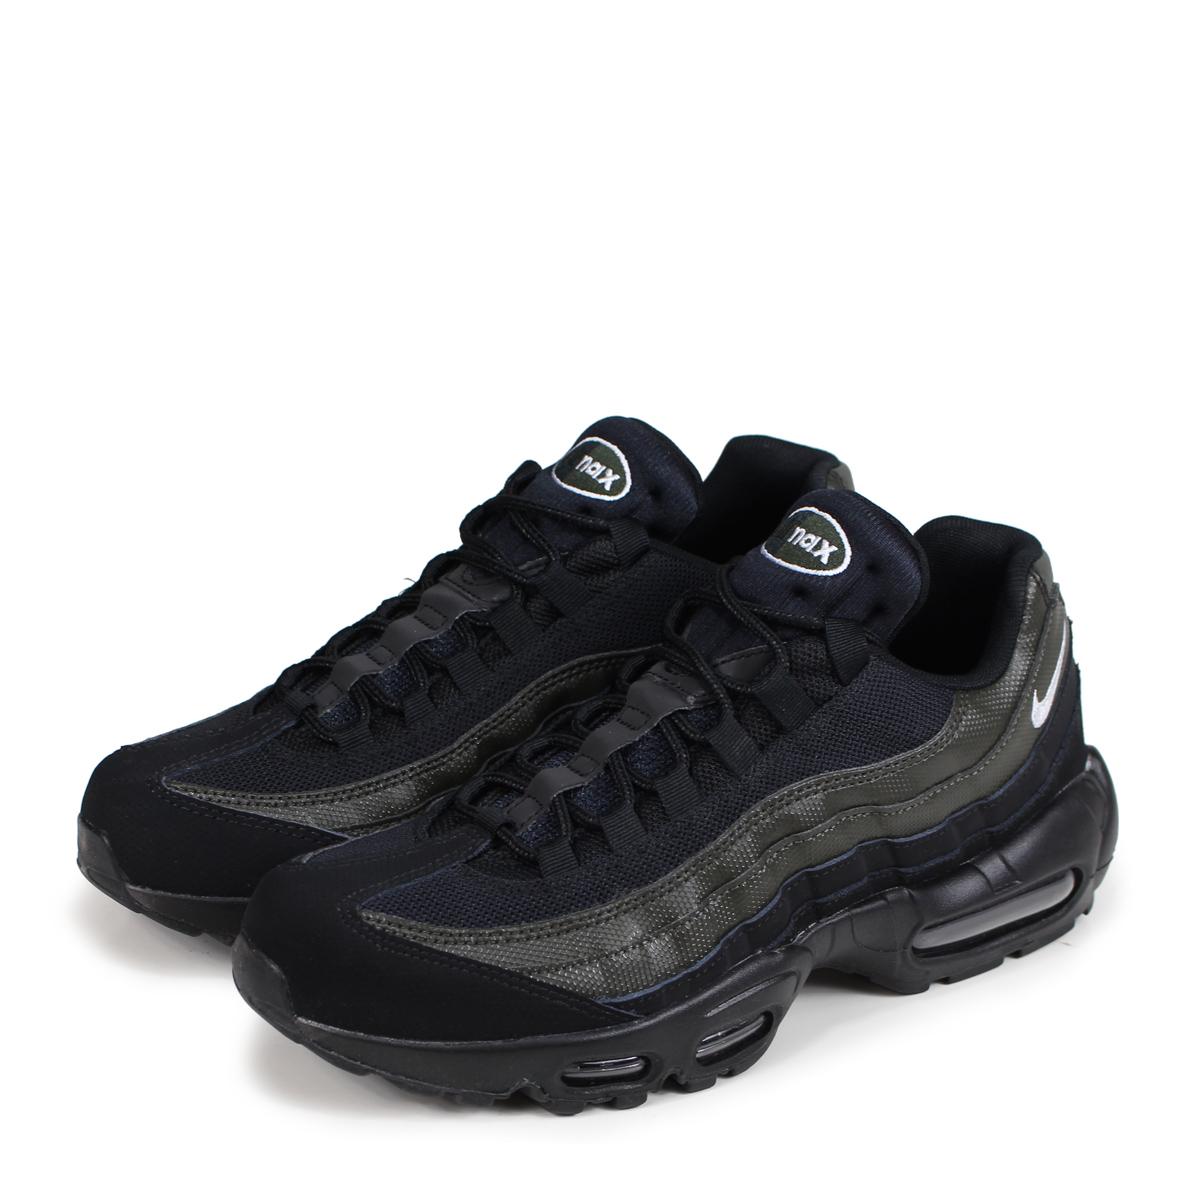 d1c2defb85 Nike NIKE Air Max 95 essential sneakers men AIR MAX 95 ESSENTIAL  7,497,664-034 black ...